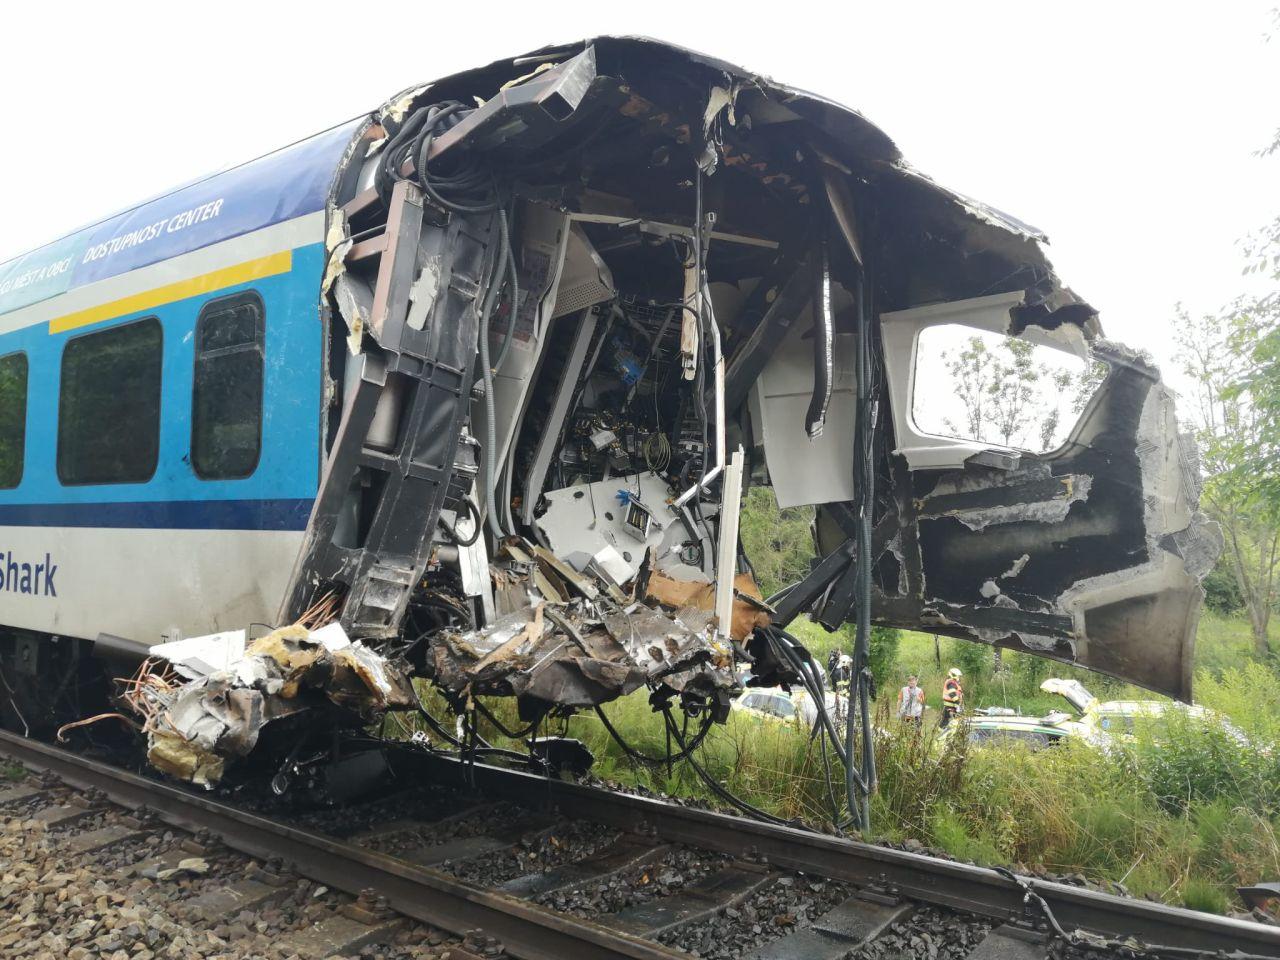 Motorová jednotka 844 RegioShark po srážce vlaků u Domažlic. Foto: Správa železnic